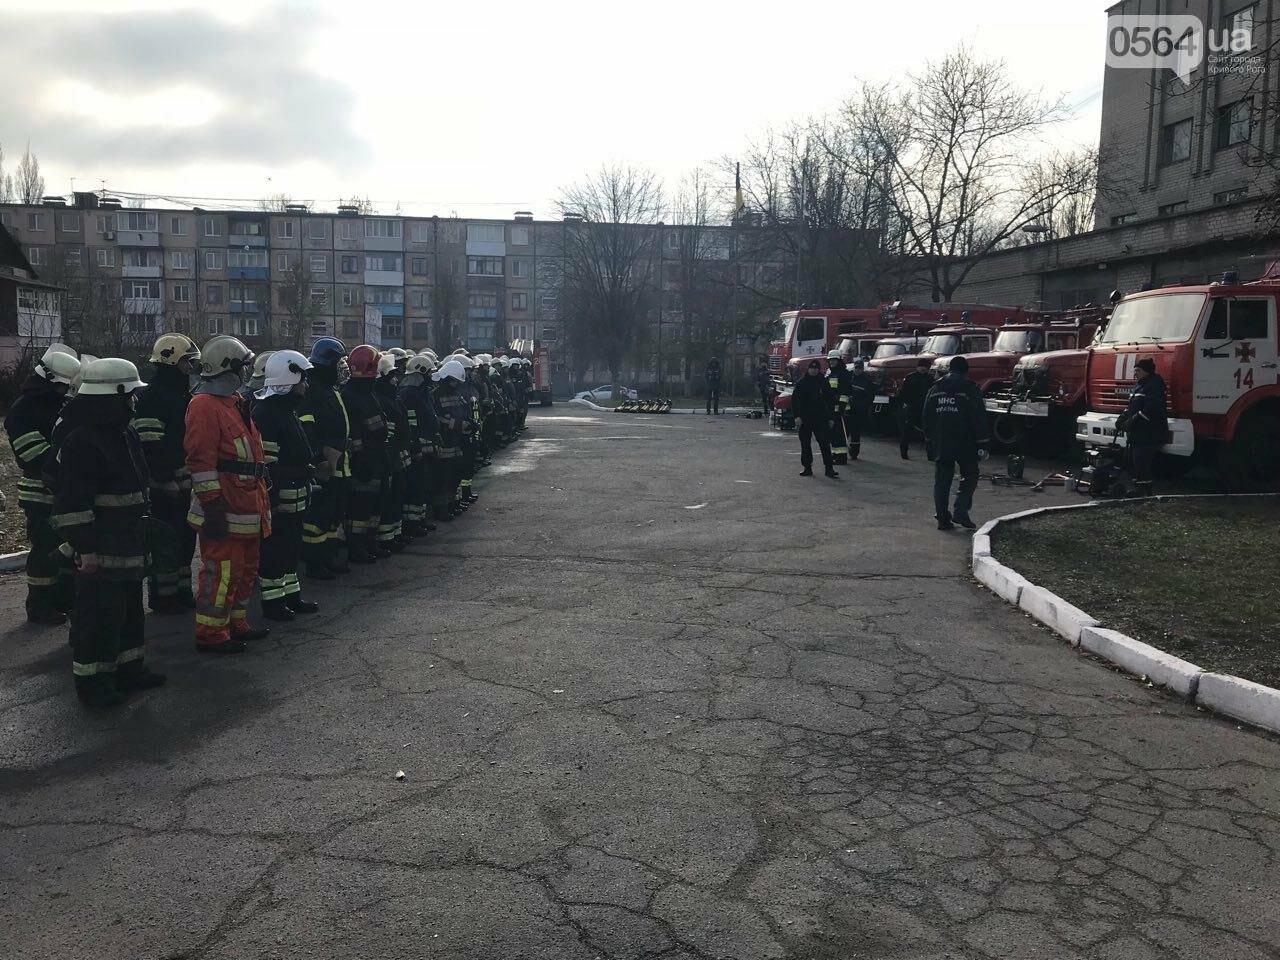 Криворожские спасатели повышали оперативное мастерство на сложных пожарах, - ФОТО , фото-3